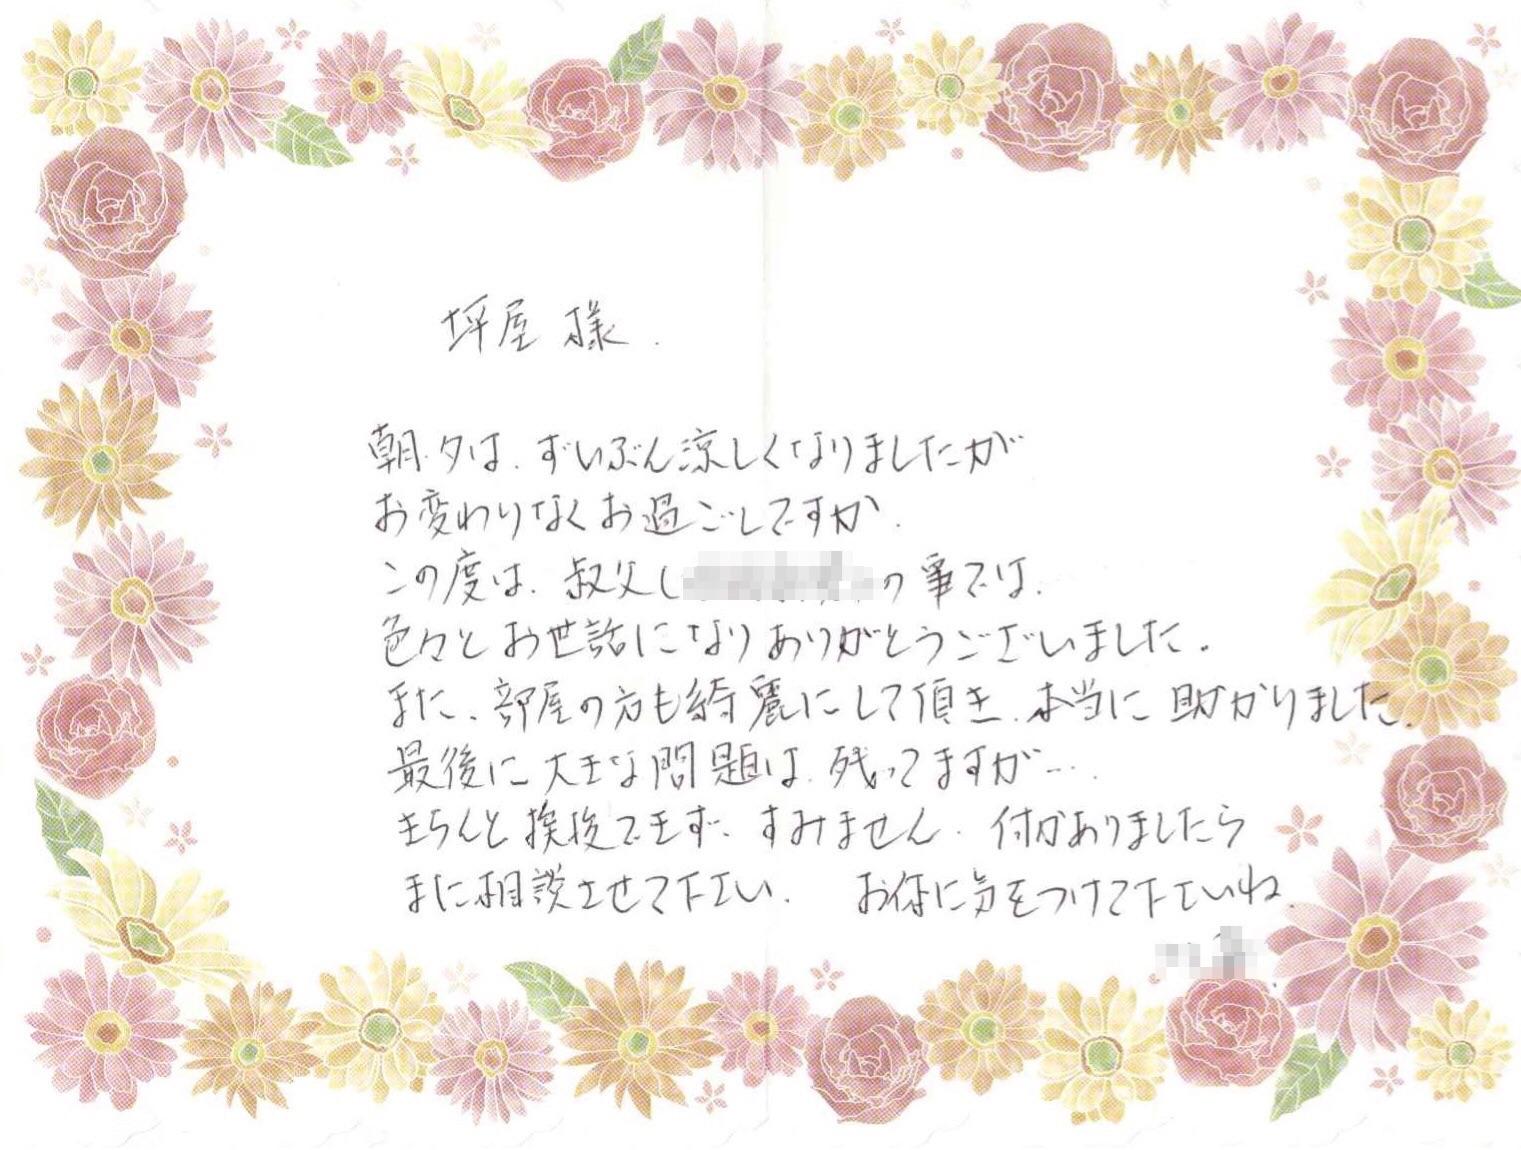 ファイル 2016-07-22 17 54 00